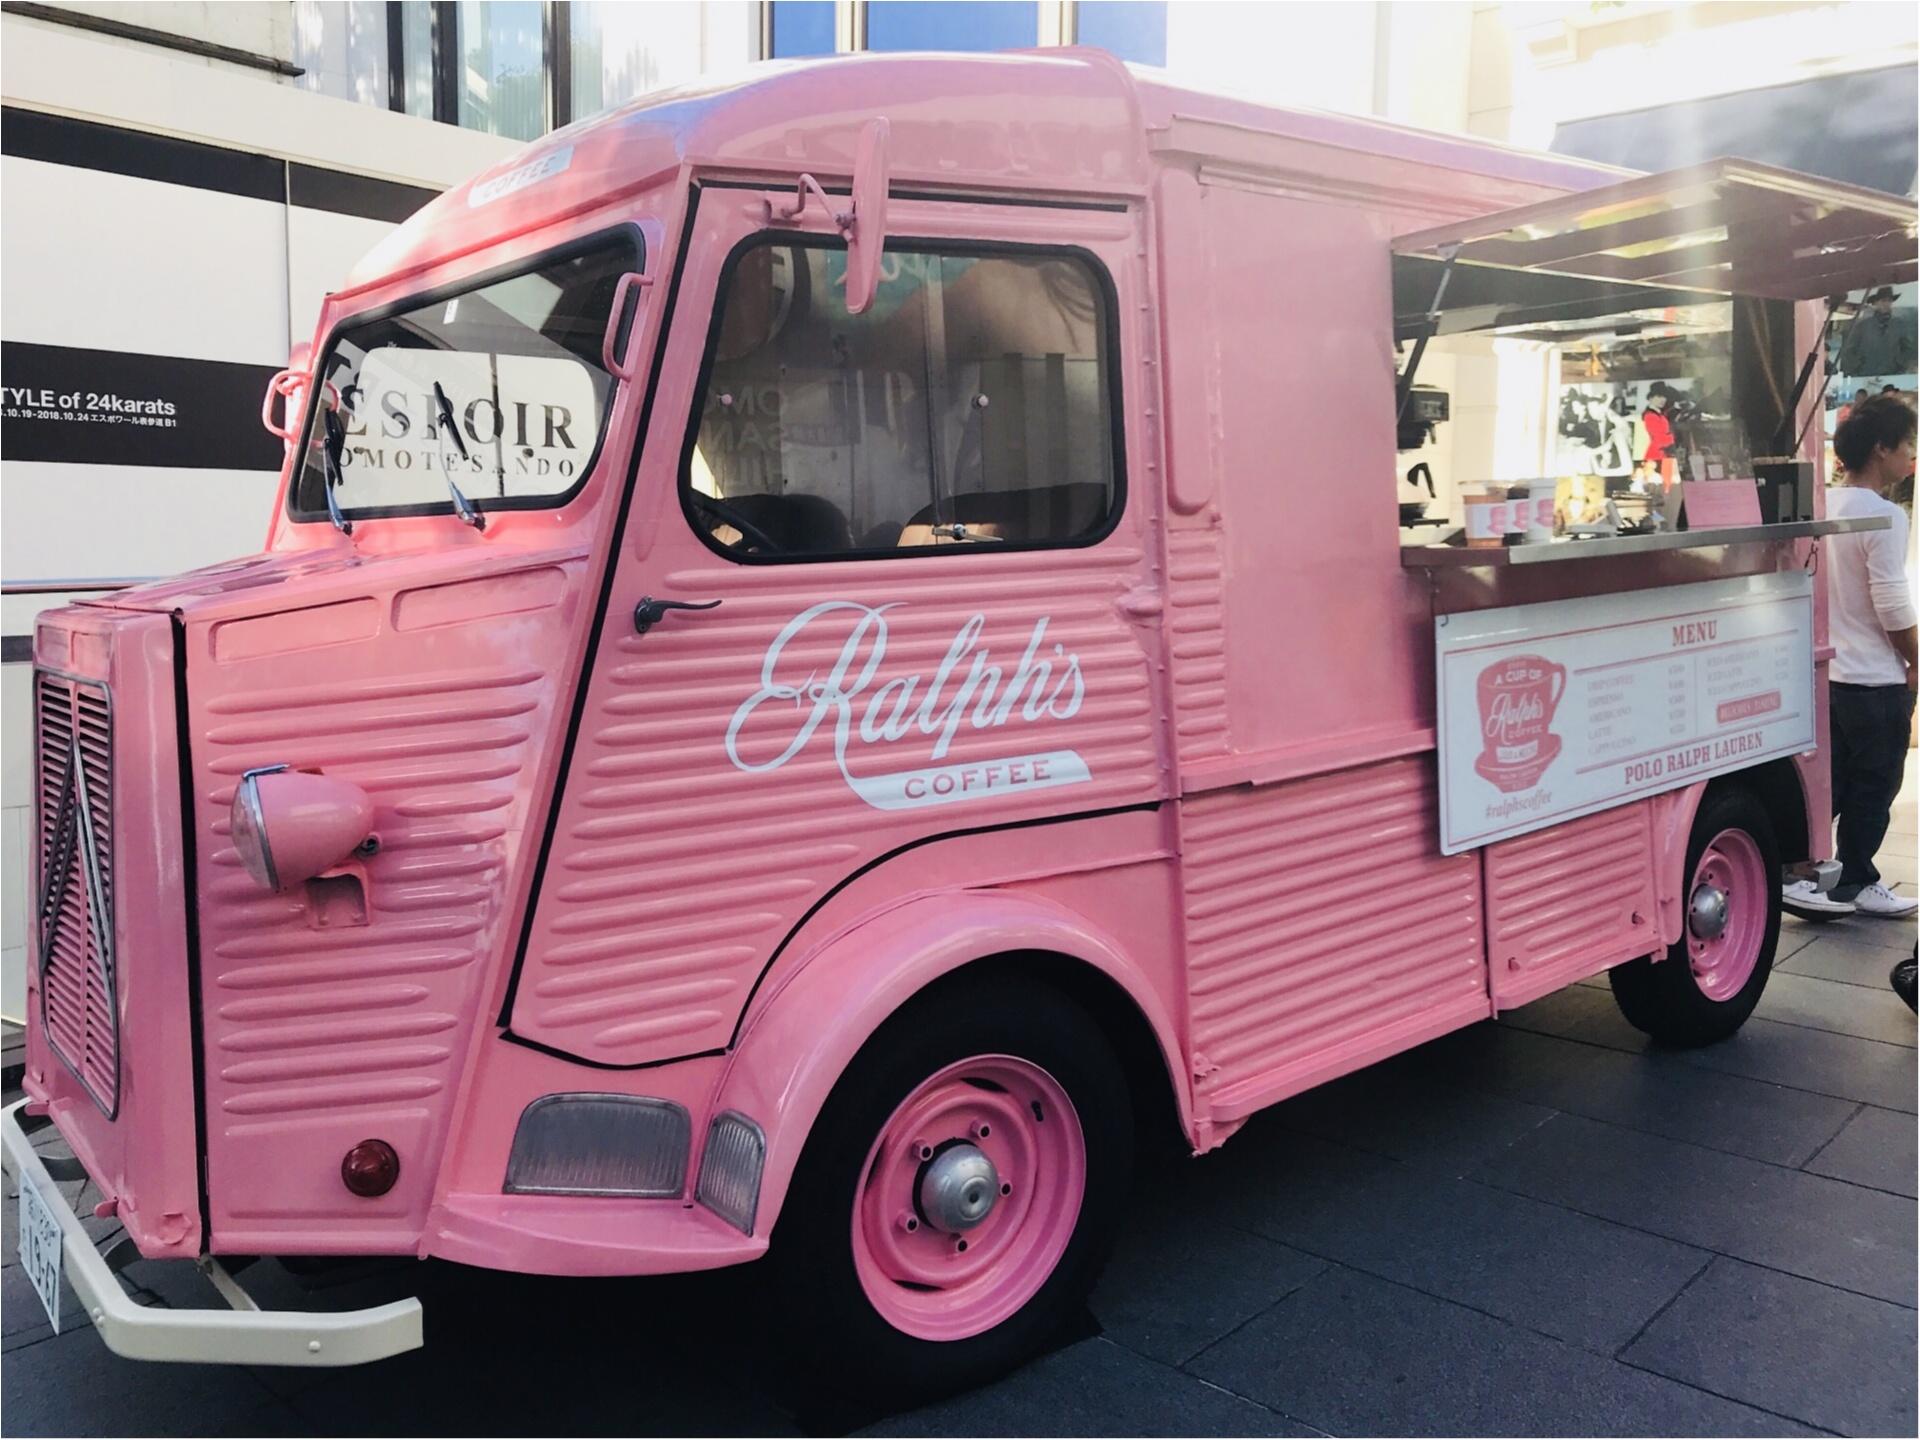 期間限定で《ラルフズコーヒートラック》がピンク色に!限定ピンクレモネードが美味♡_1